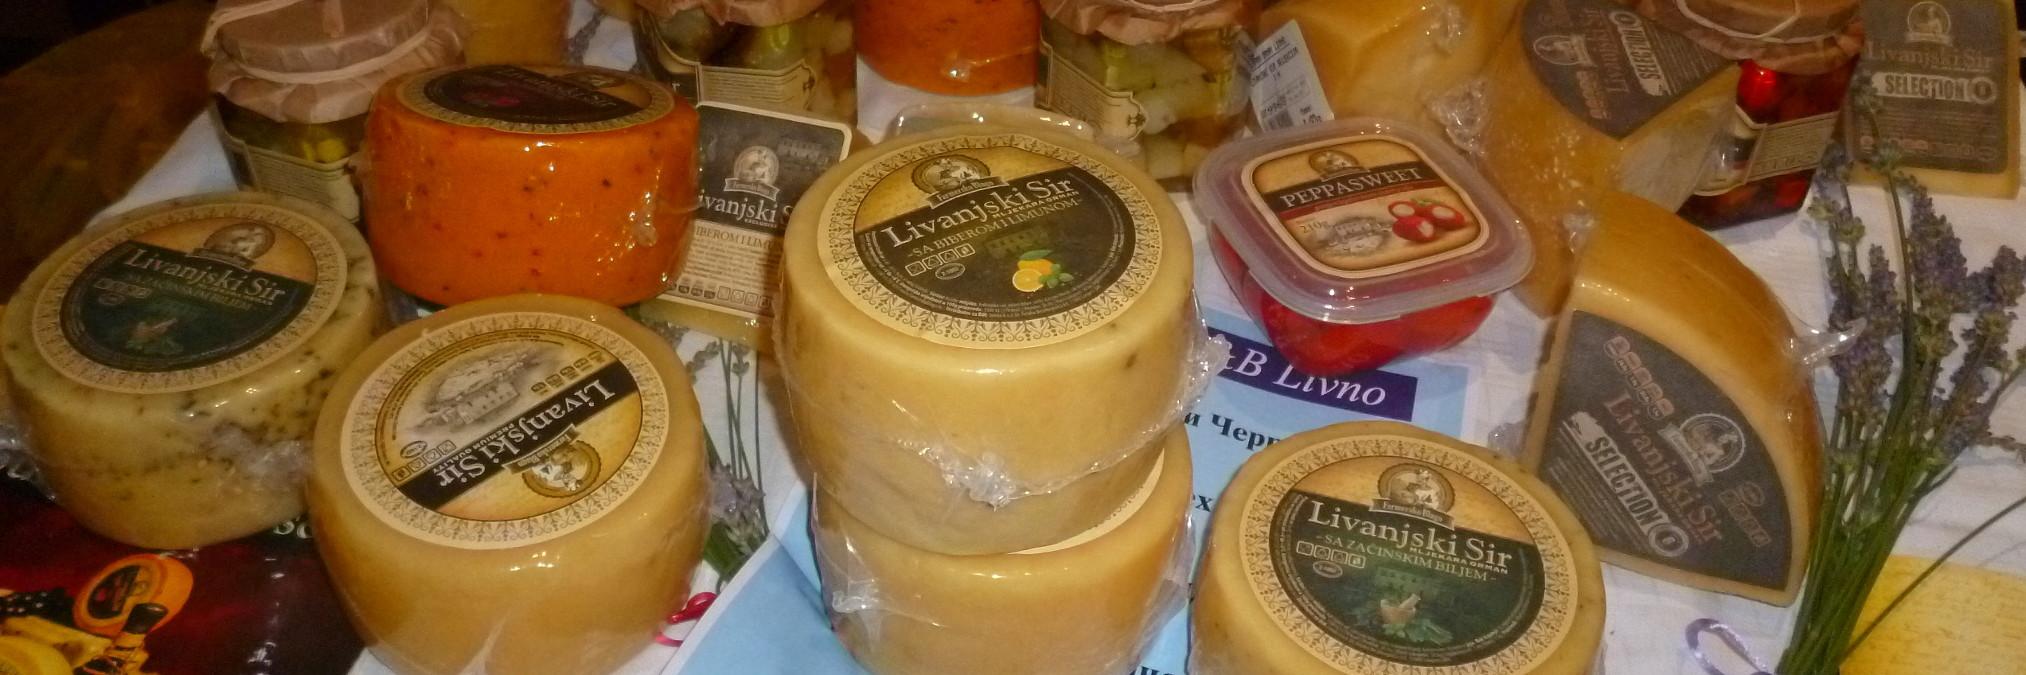 Ливаньский сыр. Фото: Елена Арсениевич, CC BY-SA 3.0